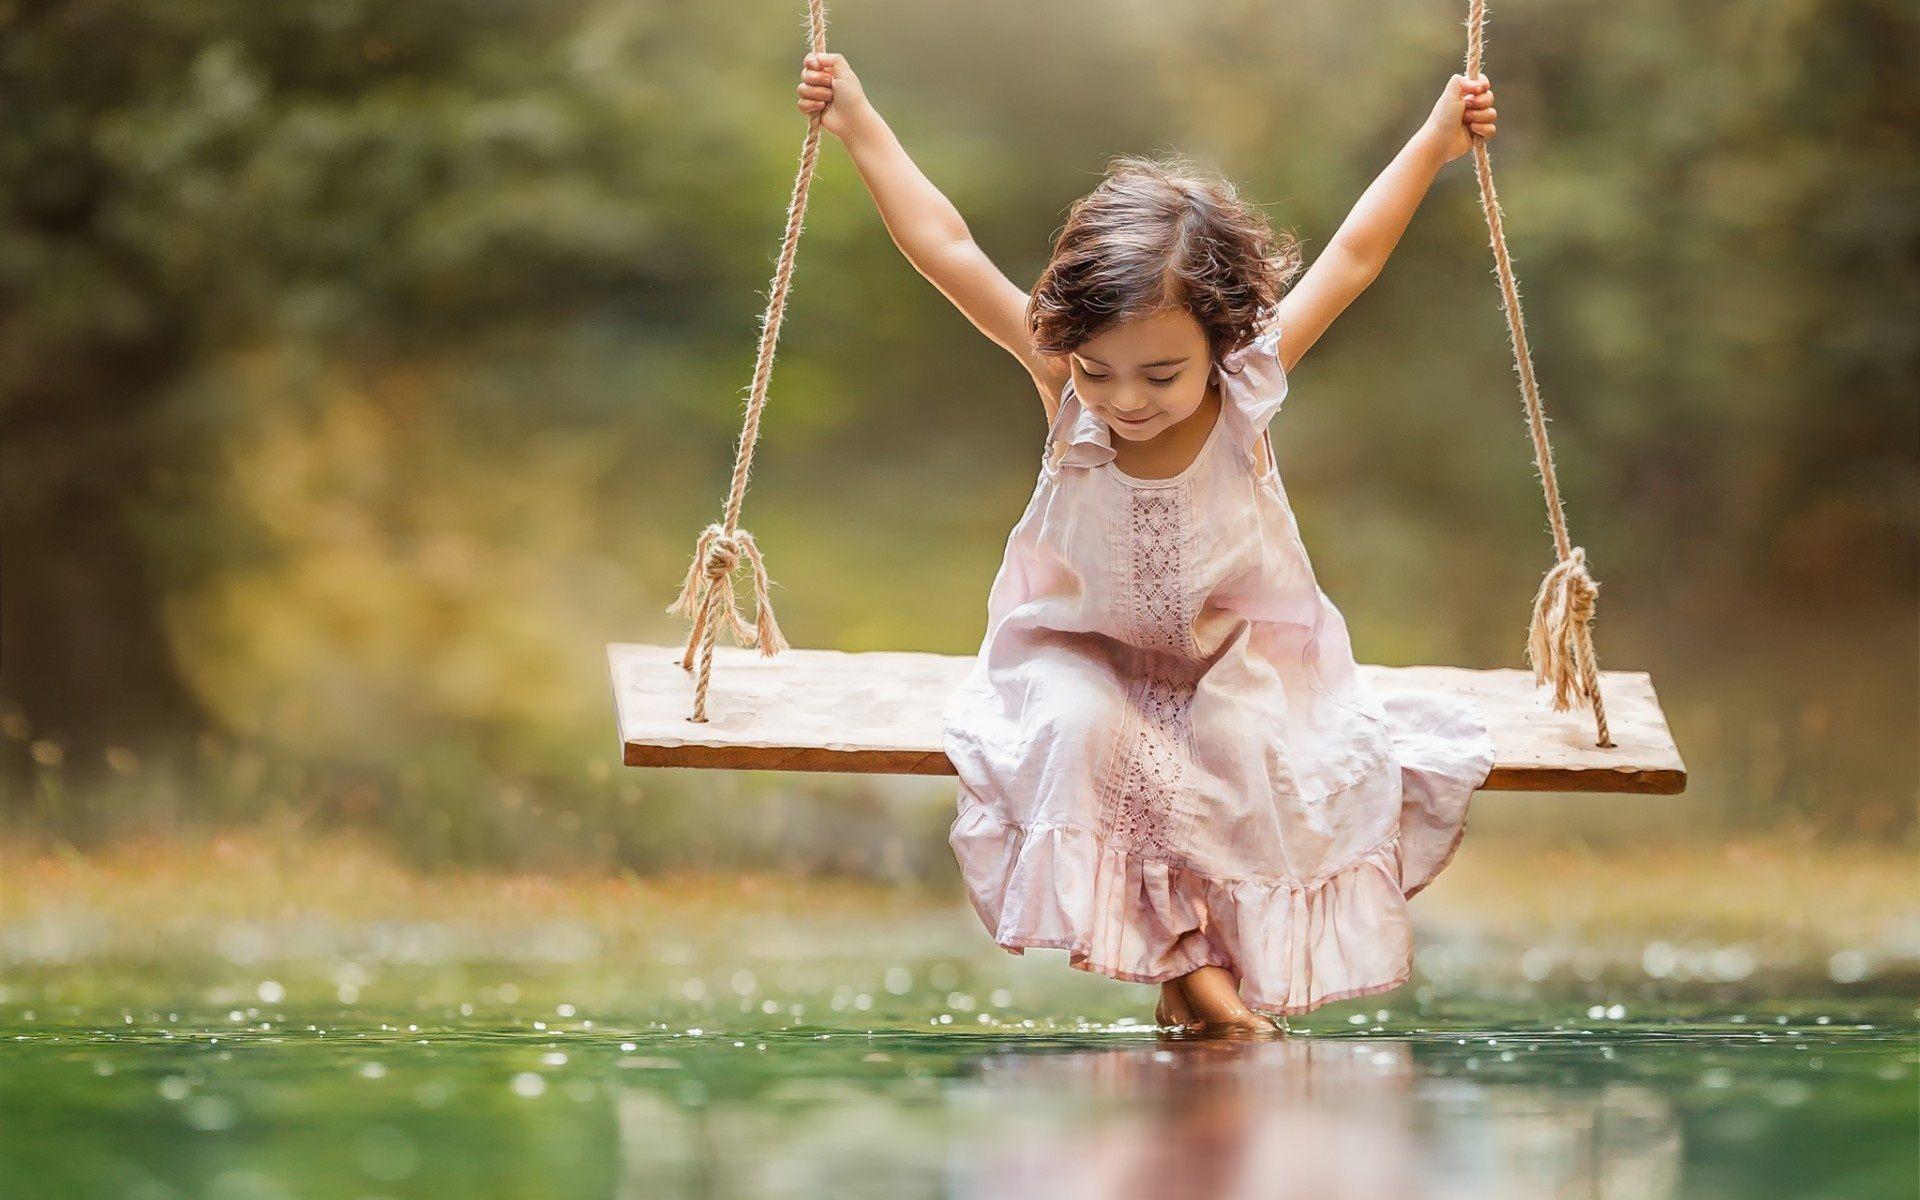 Swinger Girl